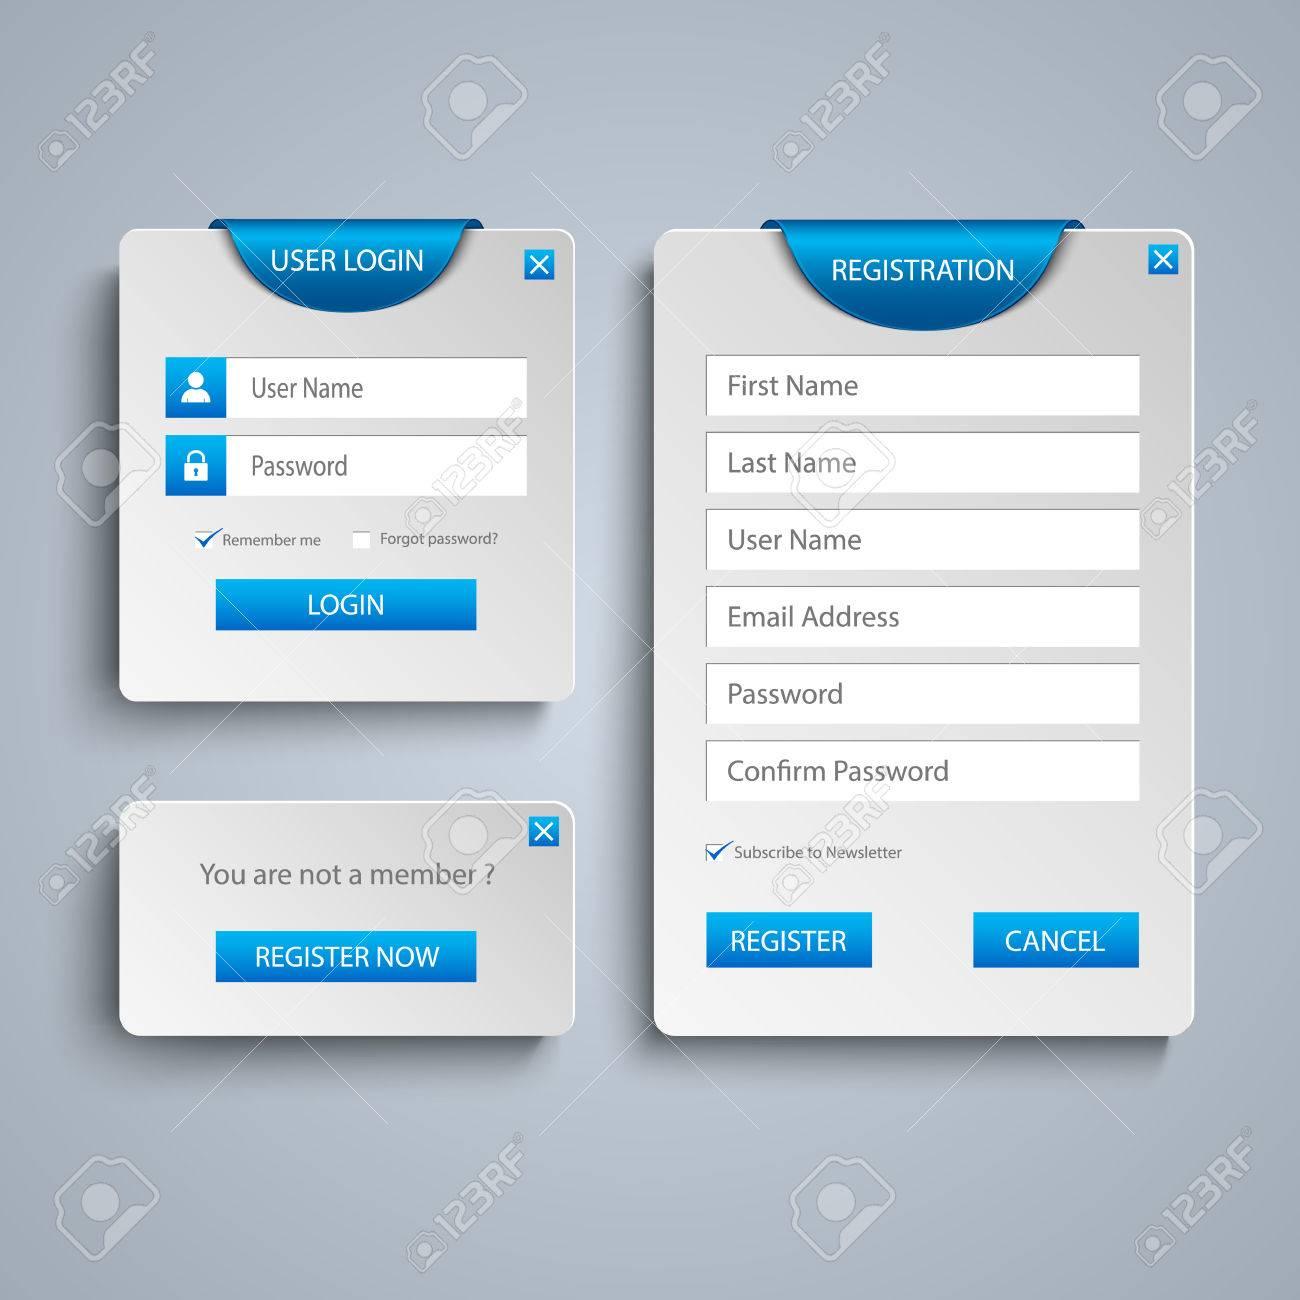 Sammlung Login Und Registrieren Web-Bildschirm Mit Blauen ...